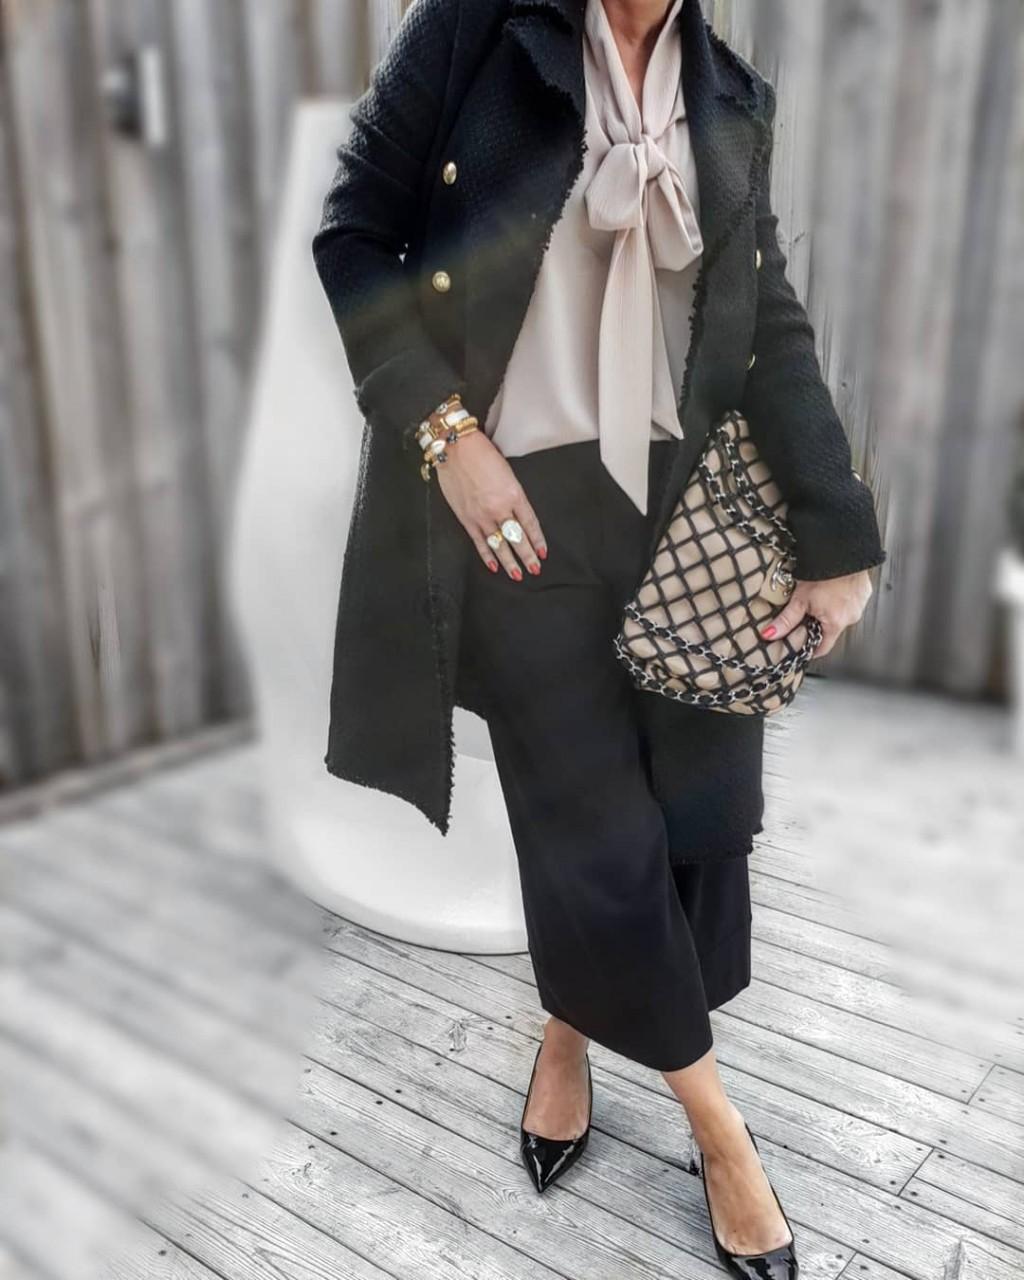 Как одеться в стиле Шанель в 21 веке и выглядеть современно? Разбираемся!